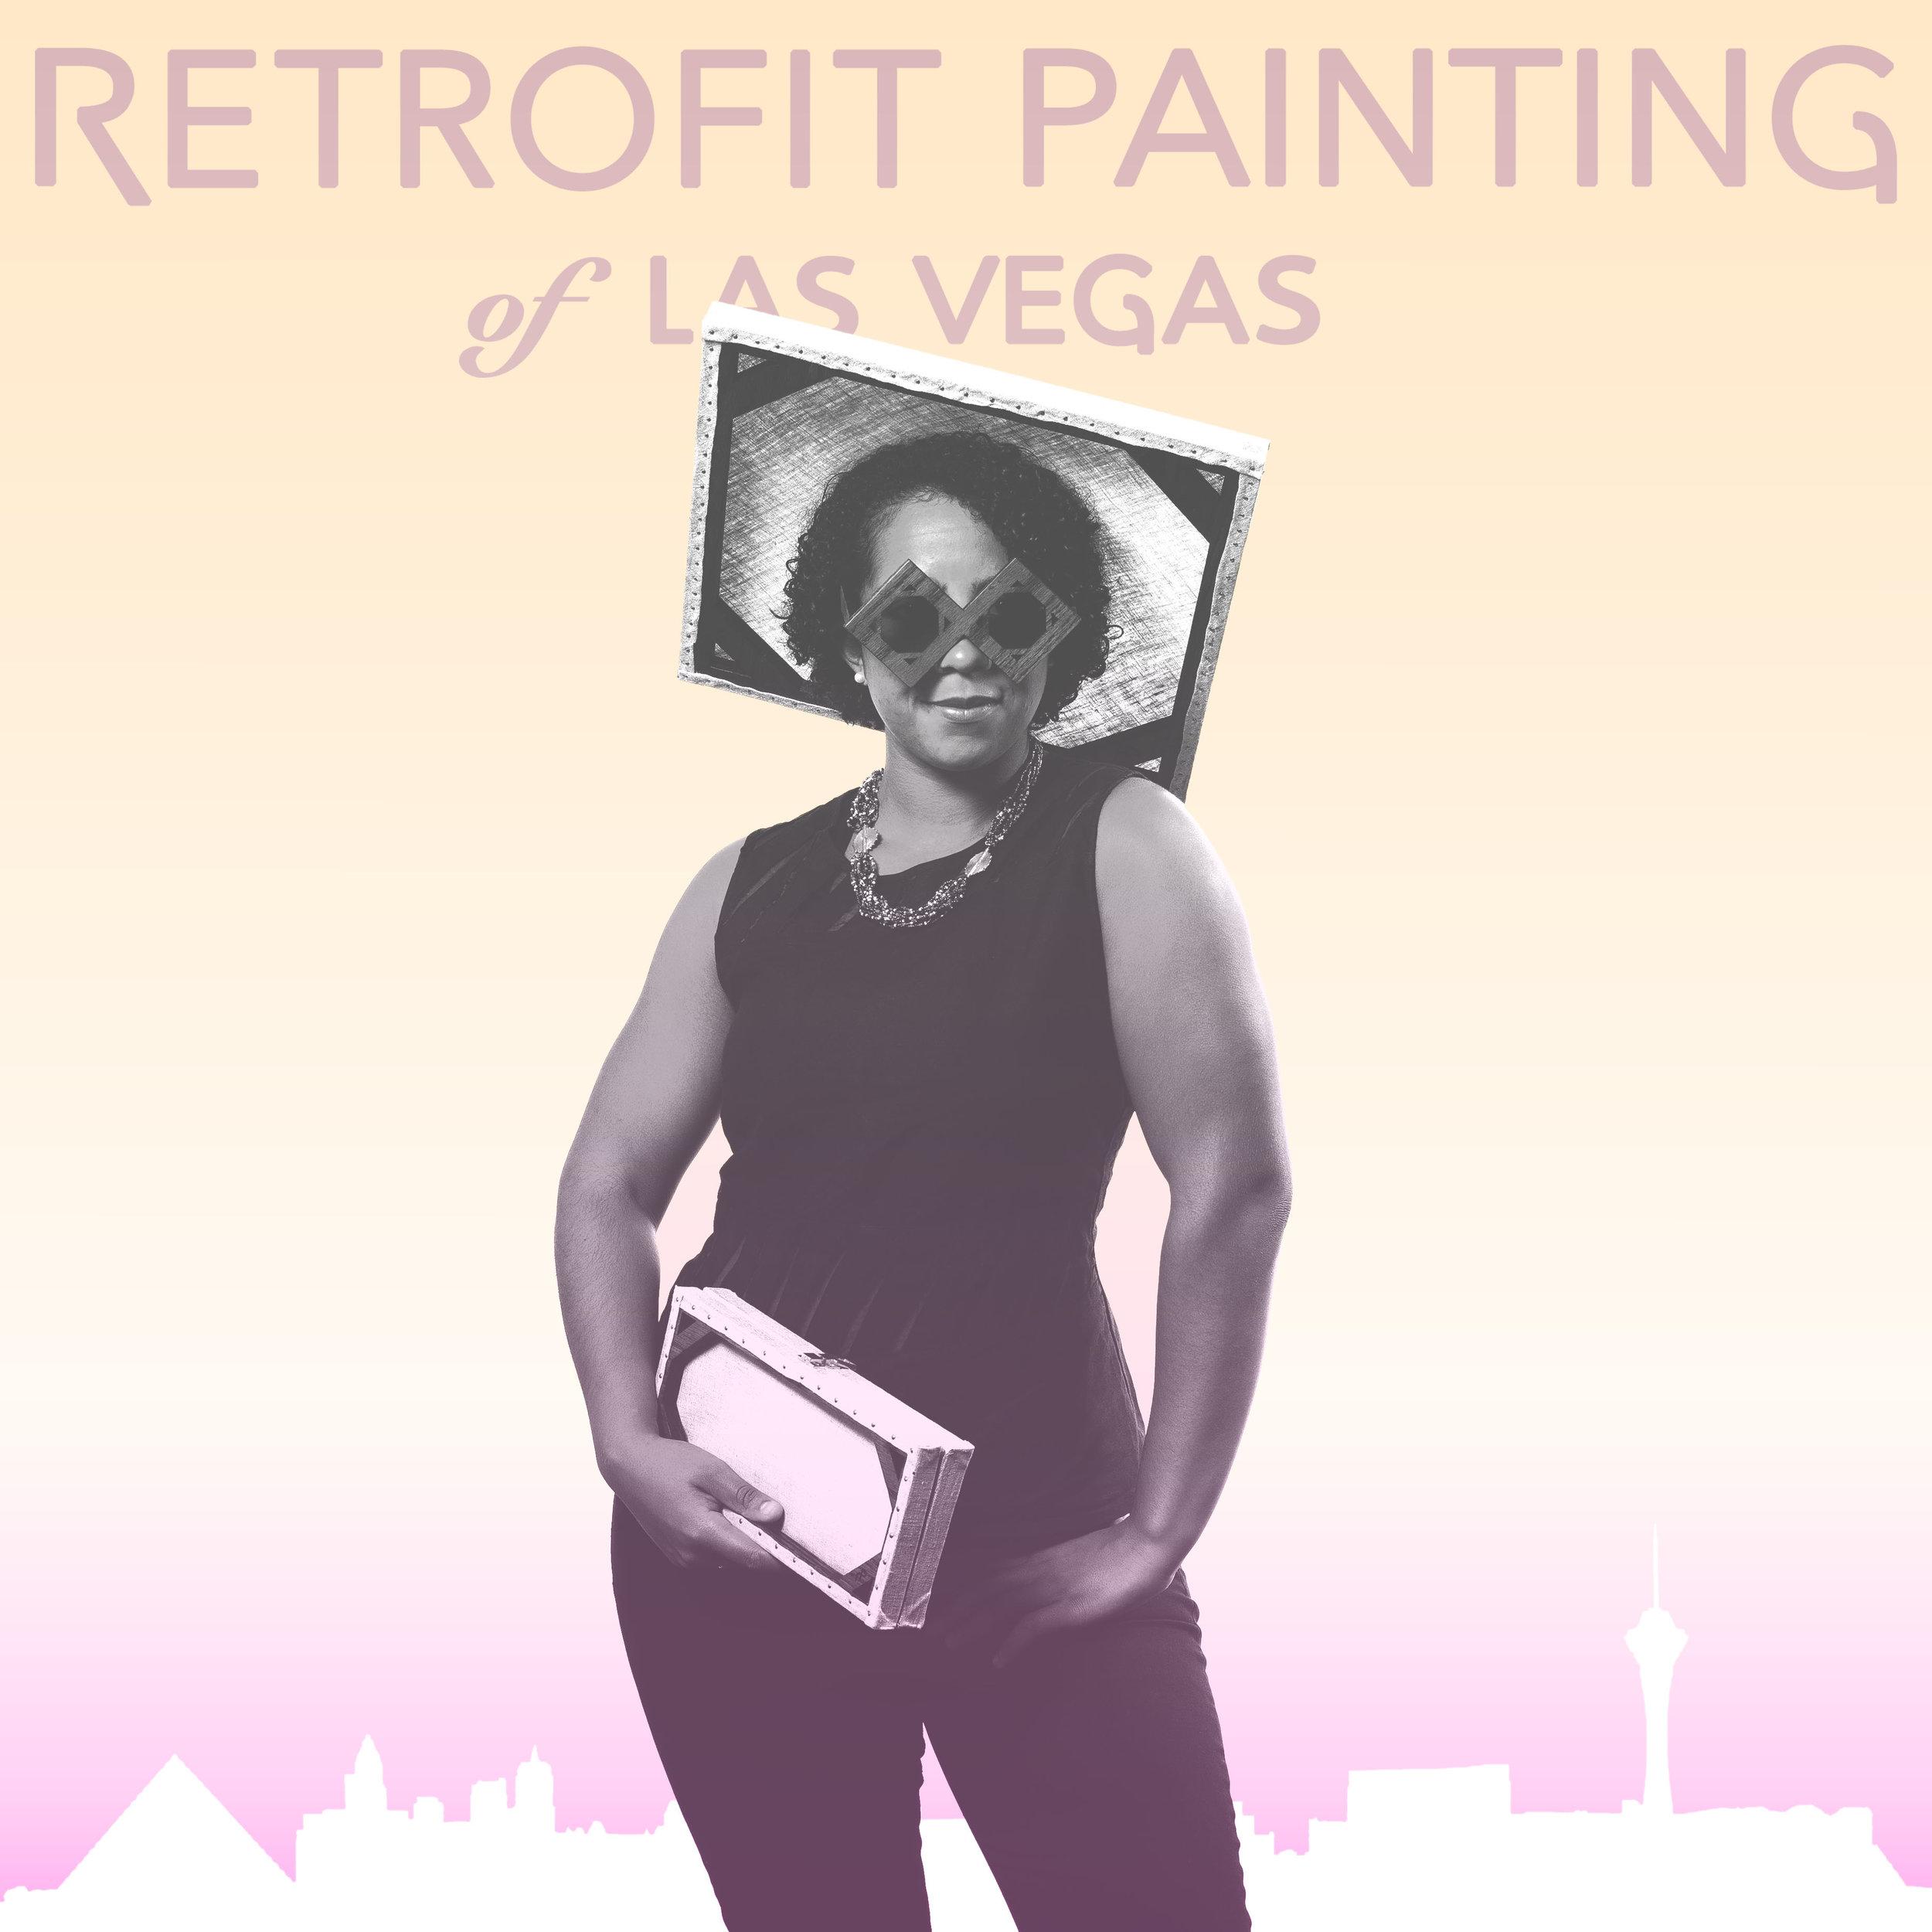 Thomas_Willis_Retrofit_Painting_0020.jpg